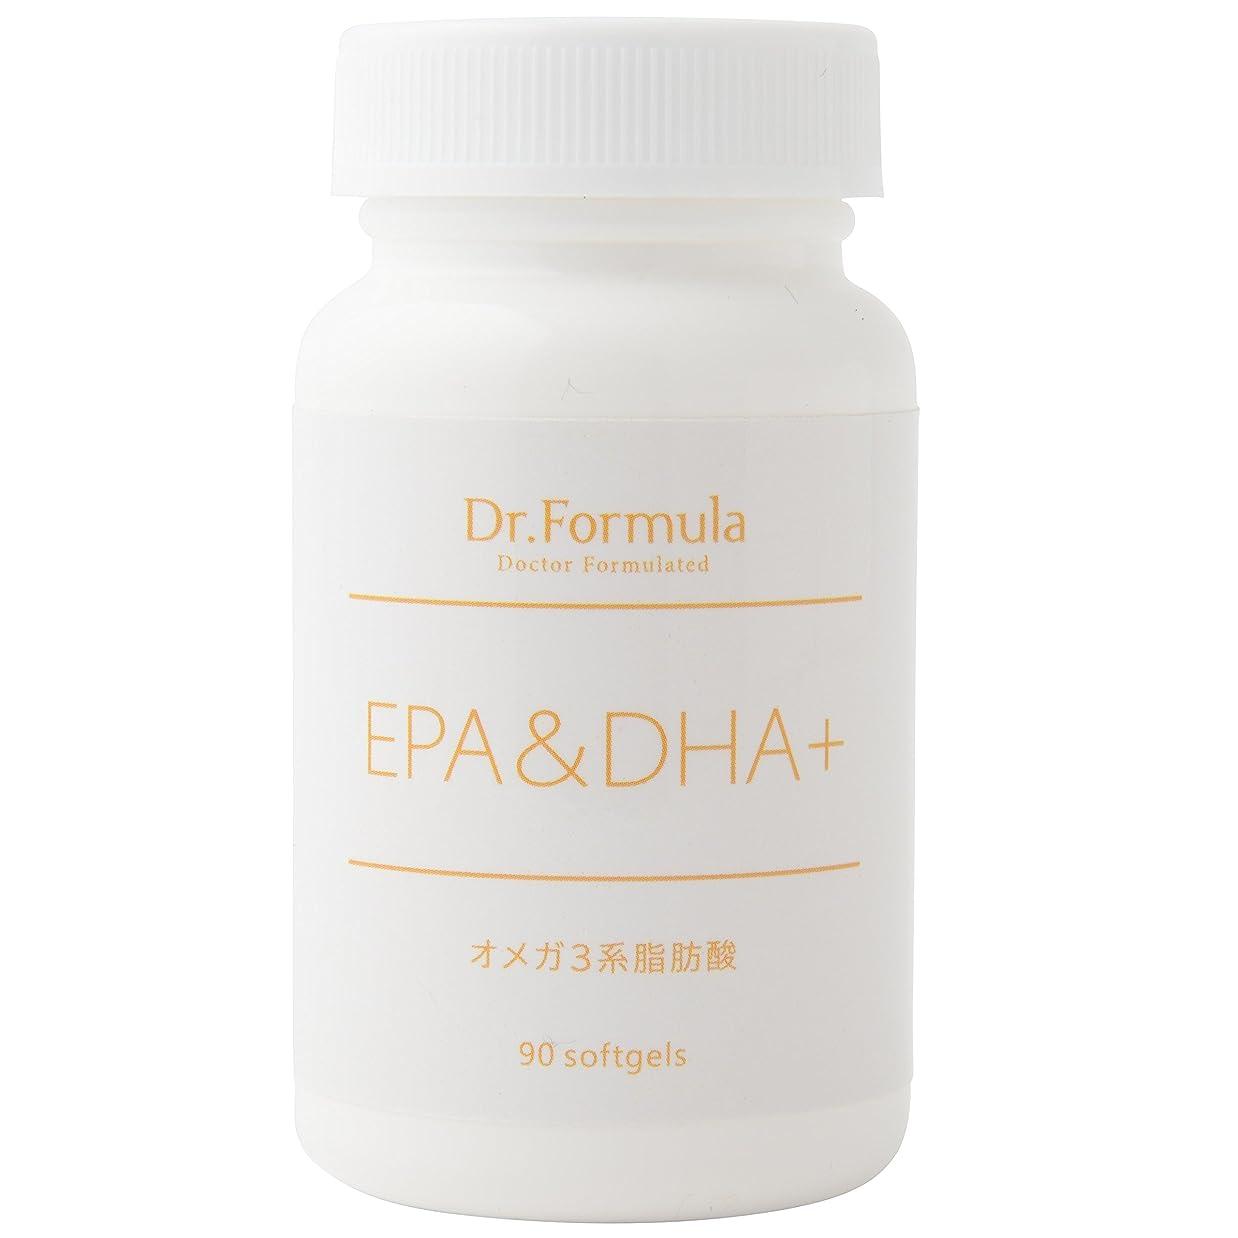 レーザ大理石はねかけるDr.Formula EPA&DHA+(オメガ 3系脂肪酸) 30日分 90粒 日本製 OMEGA3